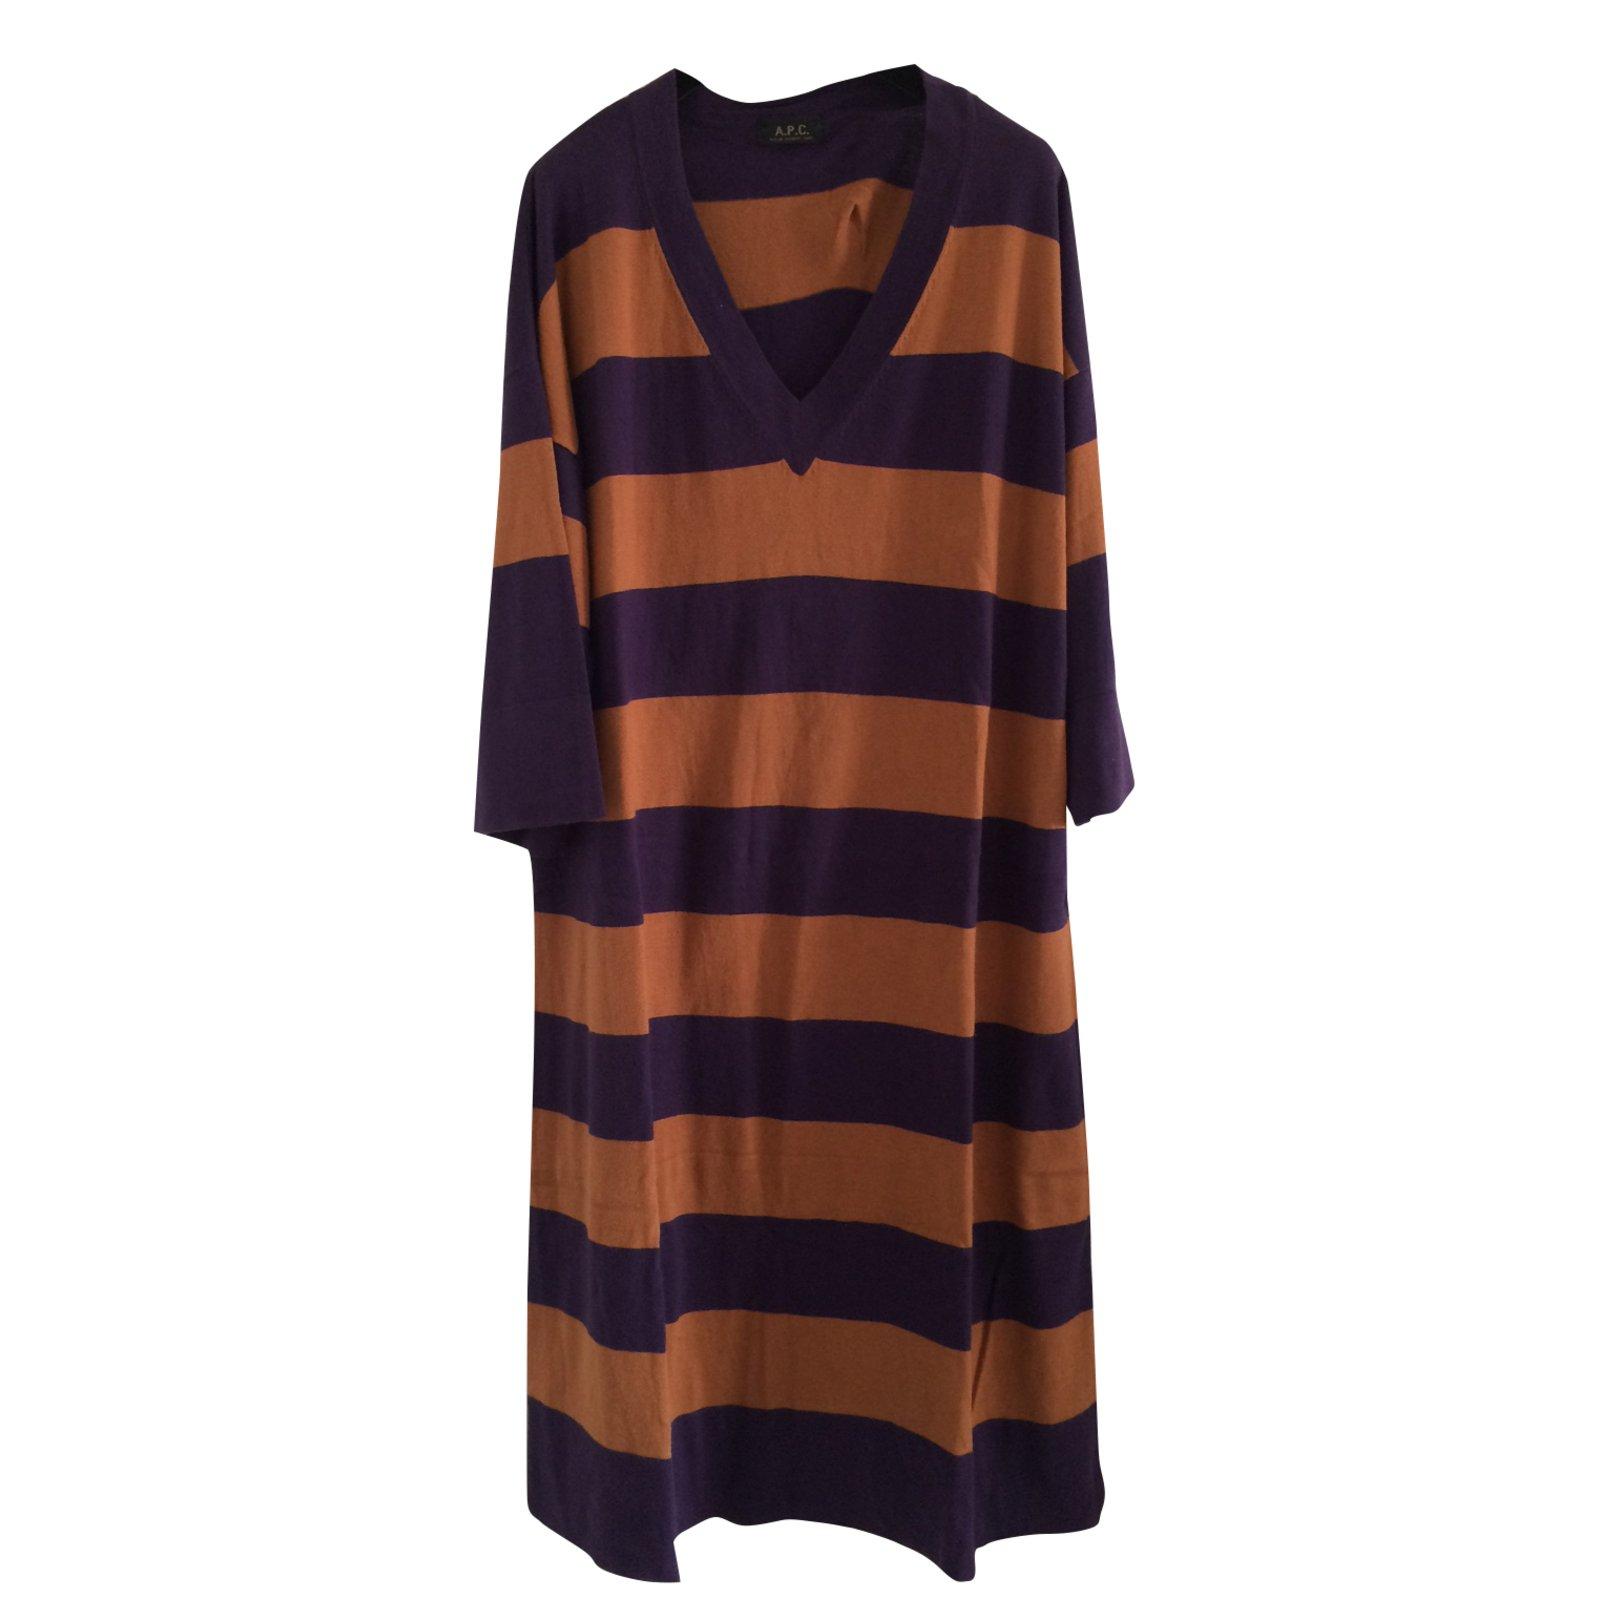 robes apc robe pull ray e coton cachemire multicolore ref. Black Bedroom Furniture Sets. Home Design Ideas